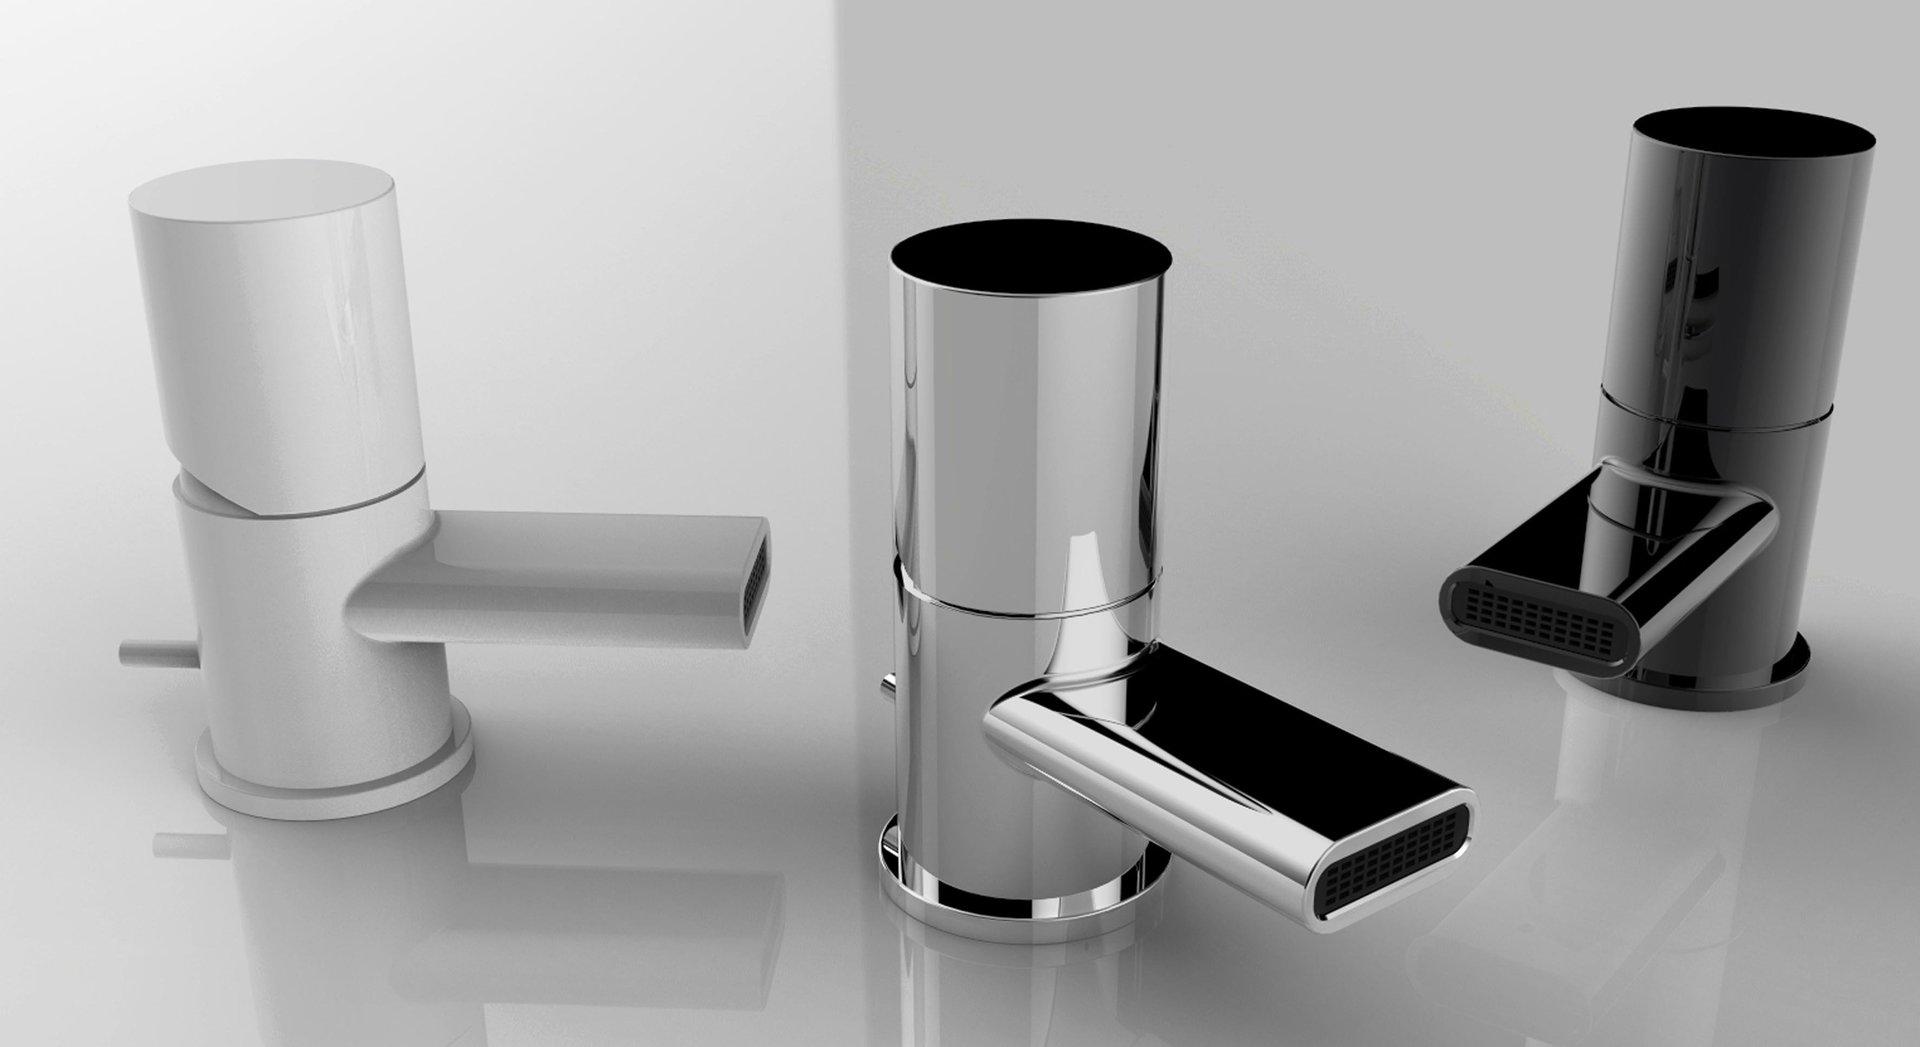 rubinetti in acciaio